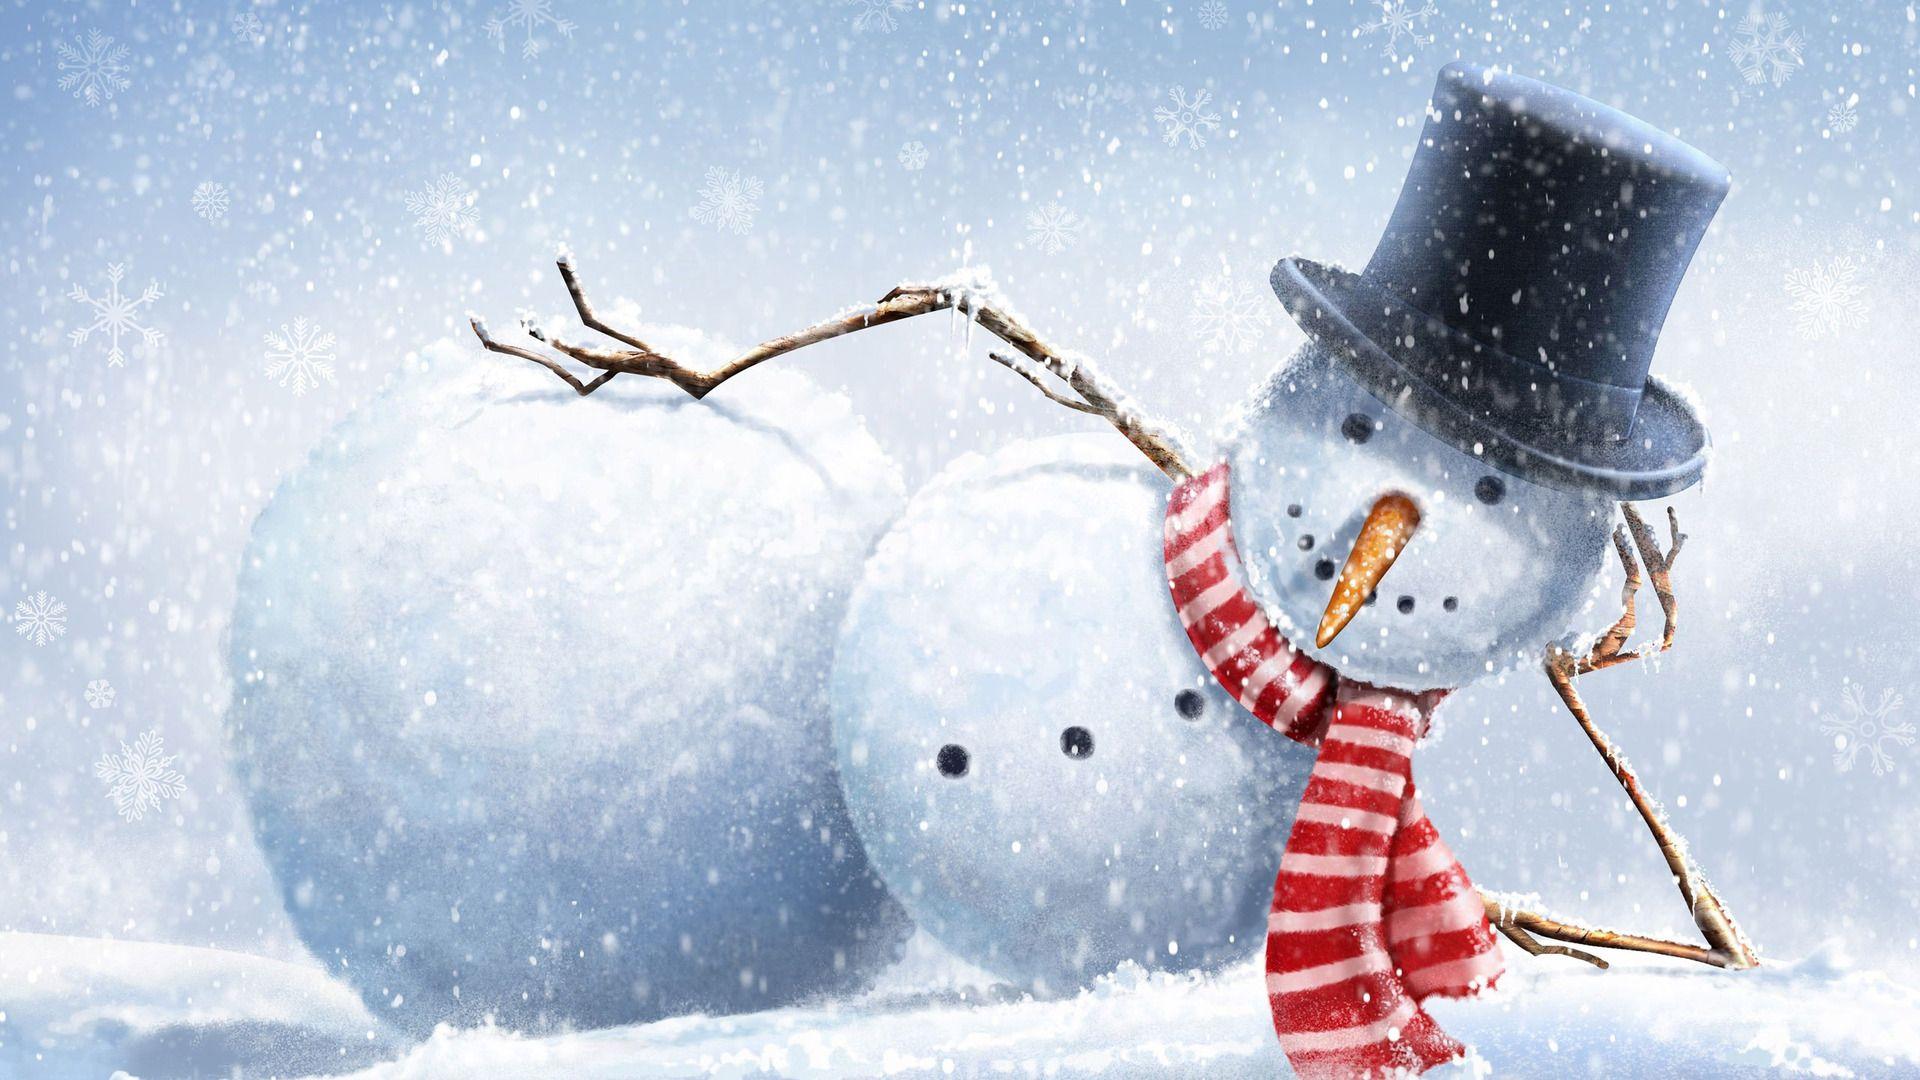 Frosty The Snowman Wallpaper 59424 Wallpaper Lonidee Com Snowman Wallpaper Snowman Frosty The Snowmen